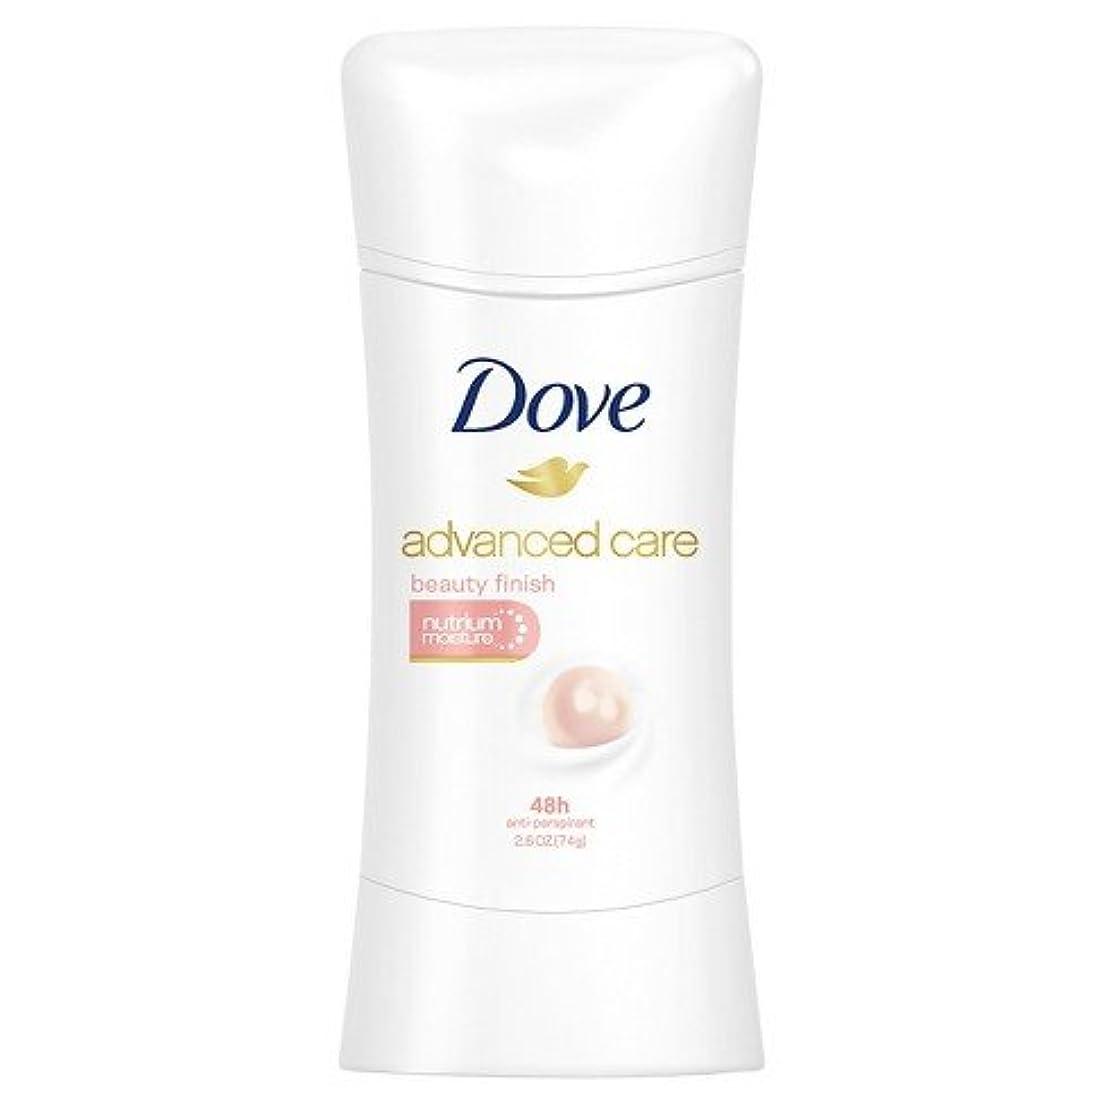 労働葡萄ウナギDove Advanced Care Beauty Finish Antiperspirant Deodorant 2.6 oz ダブ アドバンスドケア ビューティーフィニッシュ デオドラント 74g [並行輸入品]